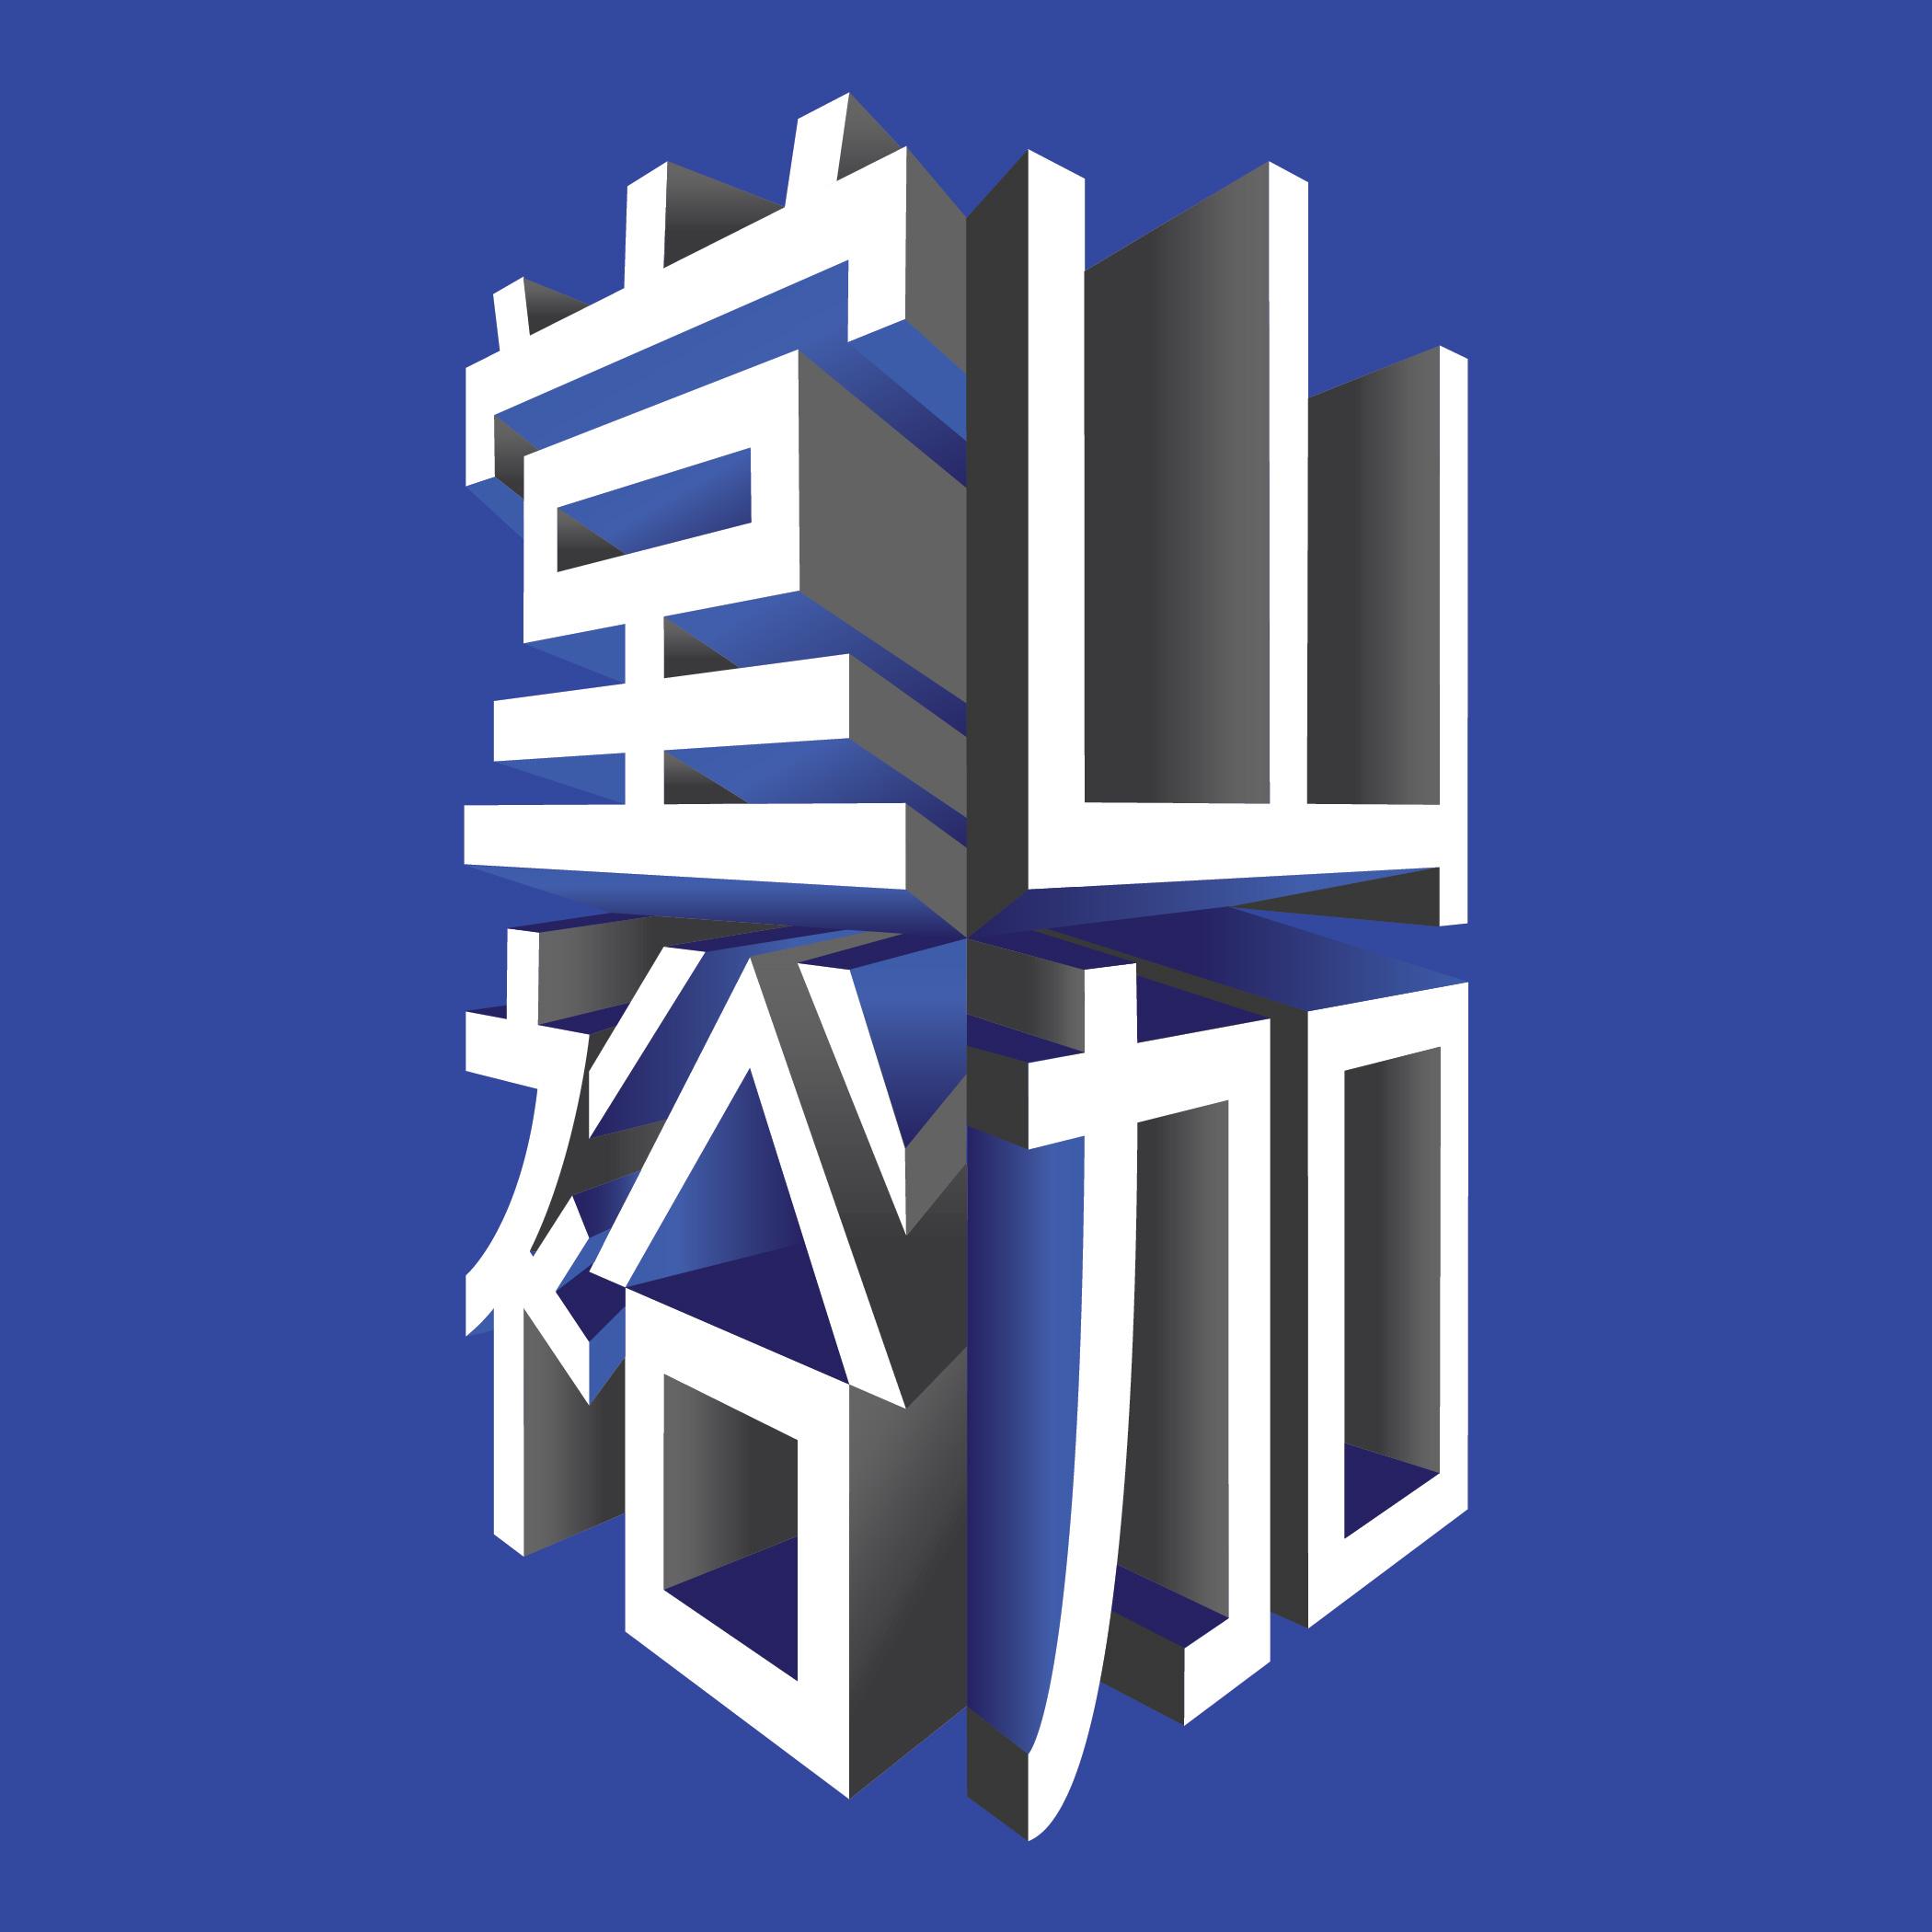 doyamayuka-05.jpg